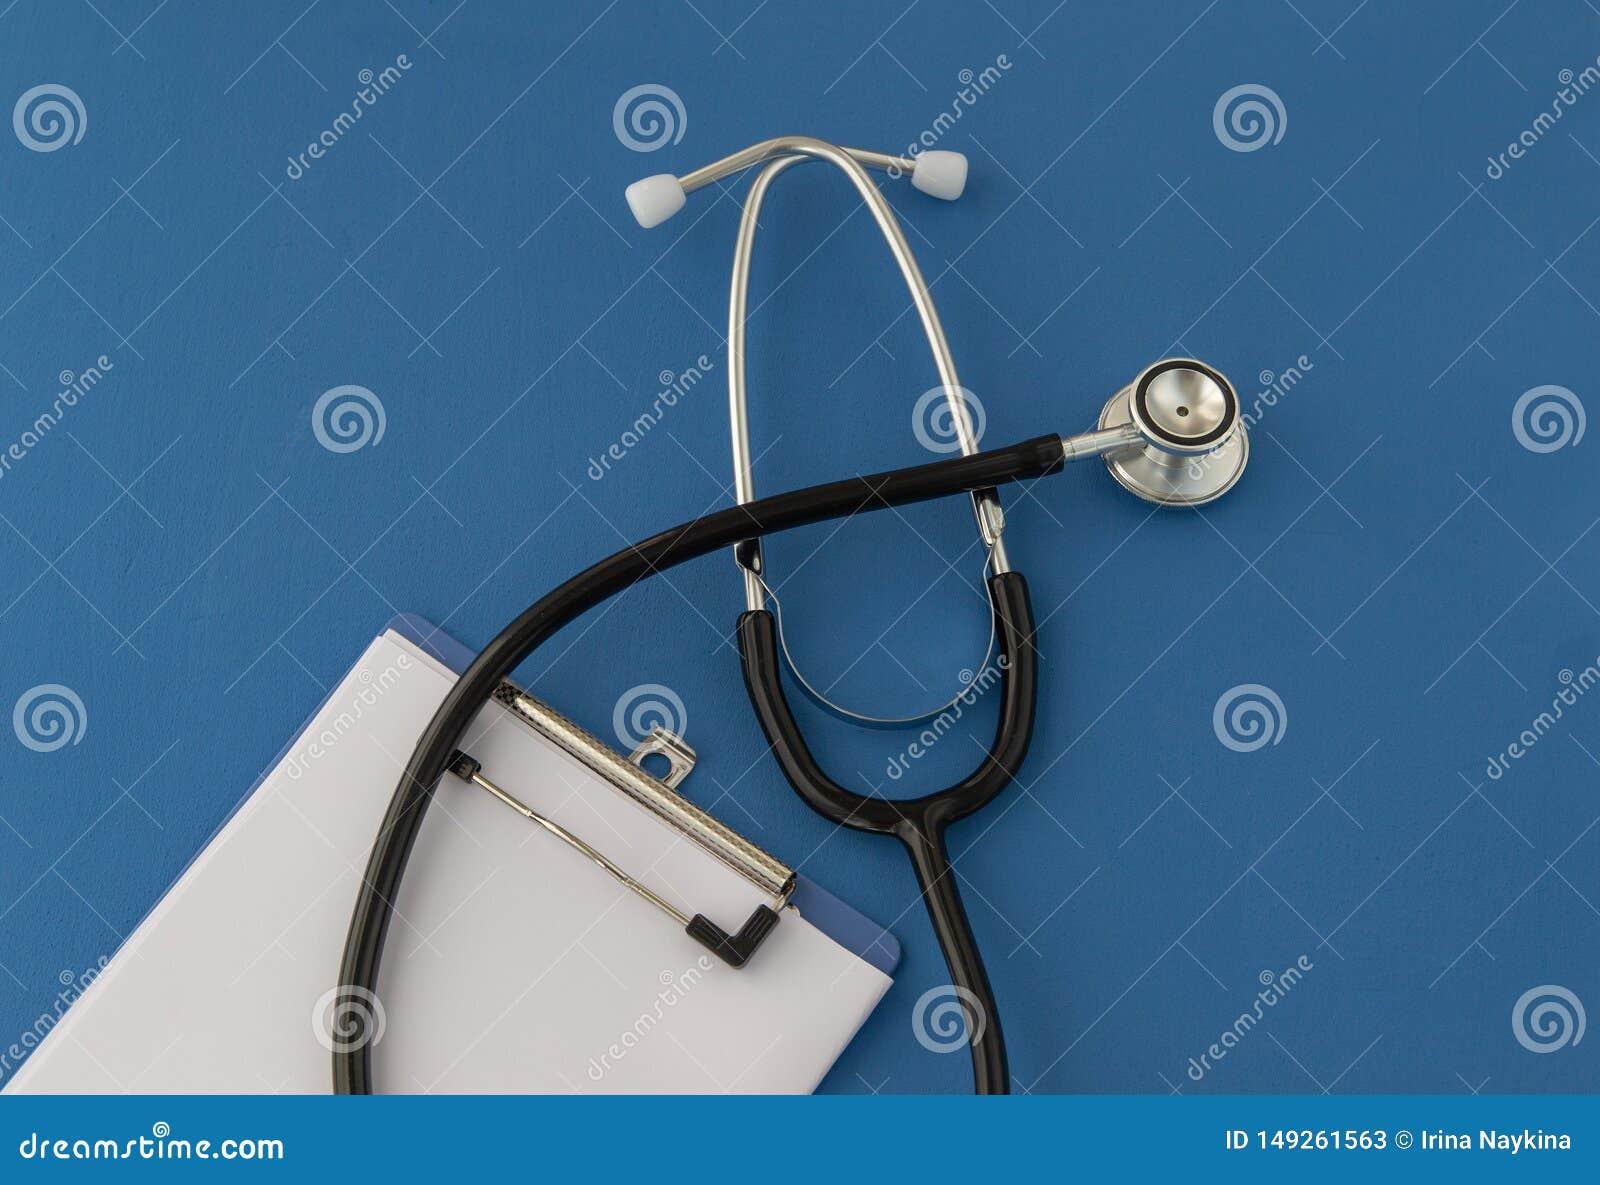 Stethoskop, Verordnung, auf blauem Hintergrund Das Konzept von Medizin